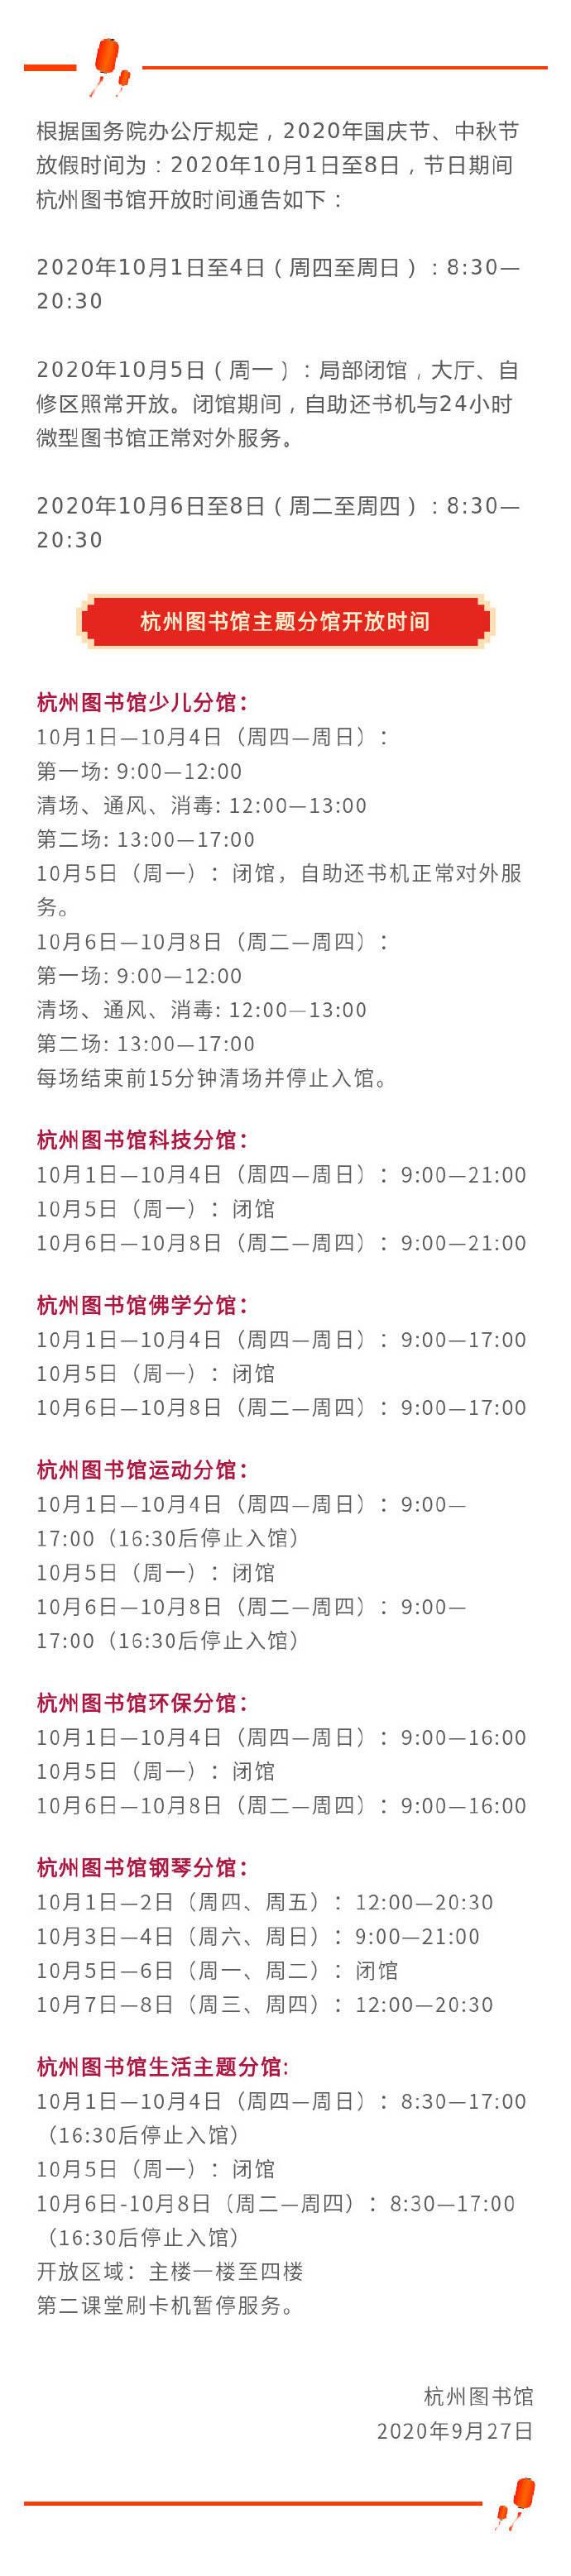 杭州图书馆国庆节、中秋节开放时间来啦!